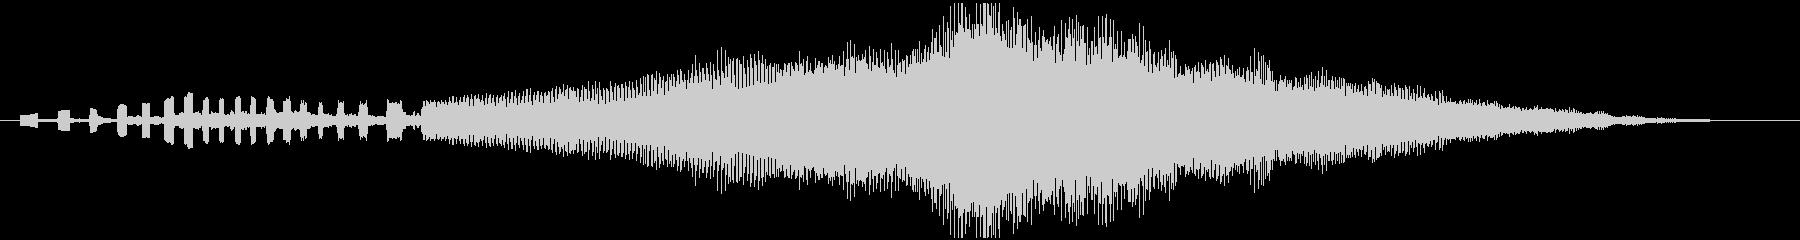 企業向けサウンドロゴ~シンセと管弦楽器~の未再生の波形